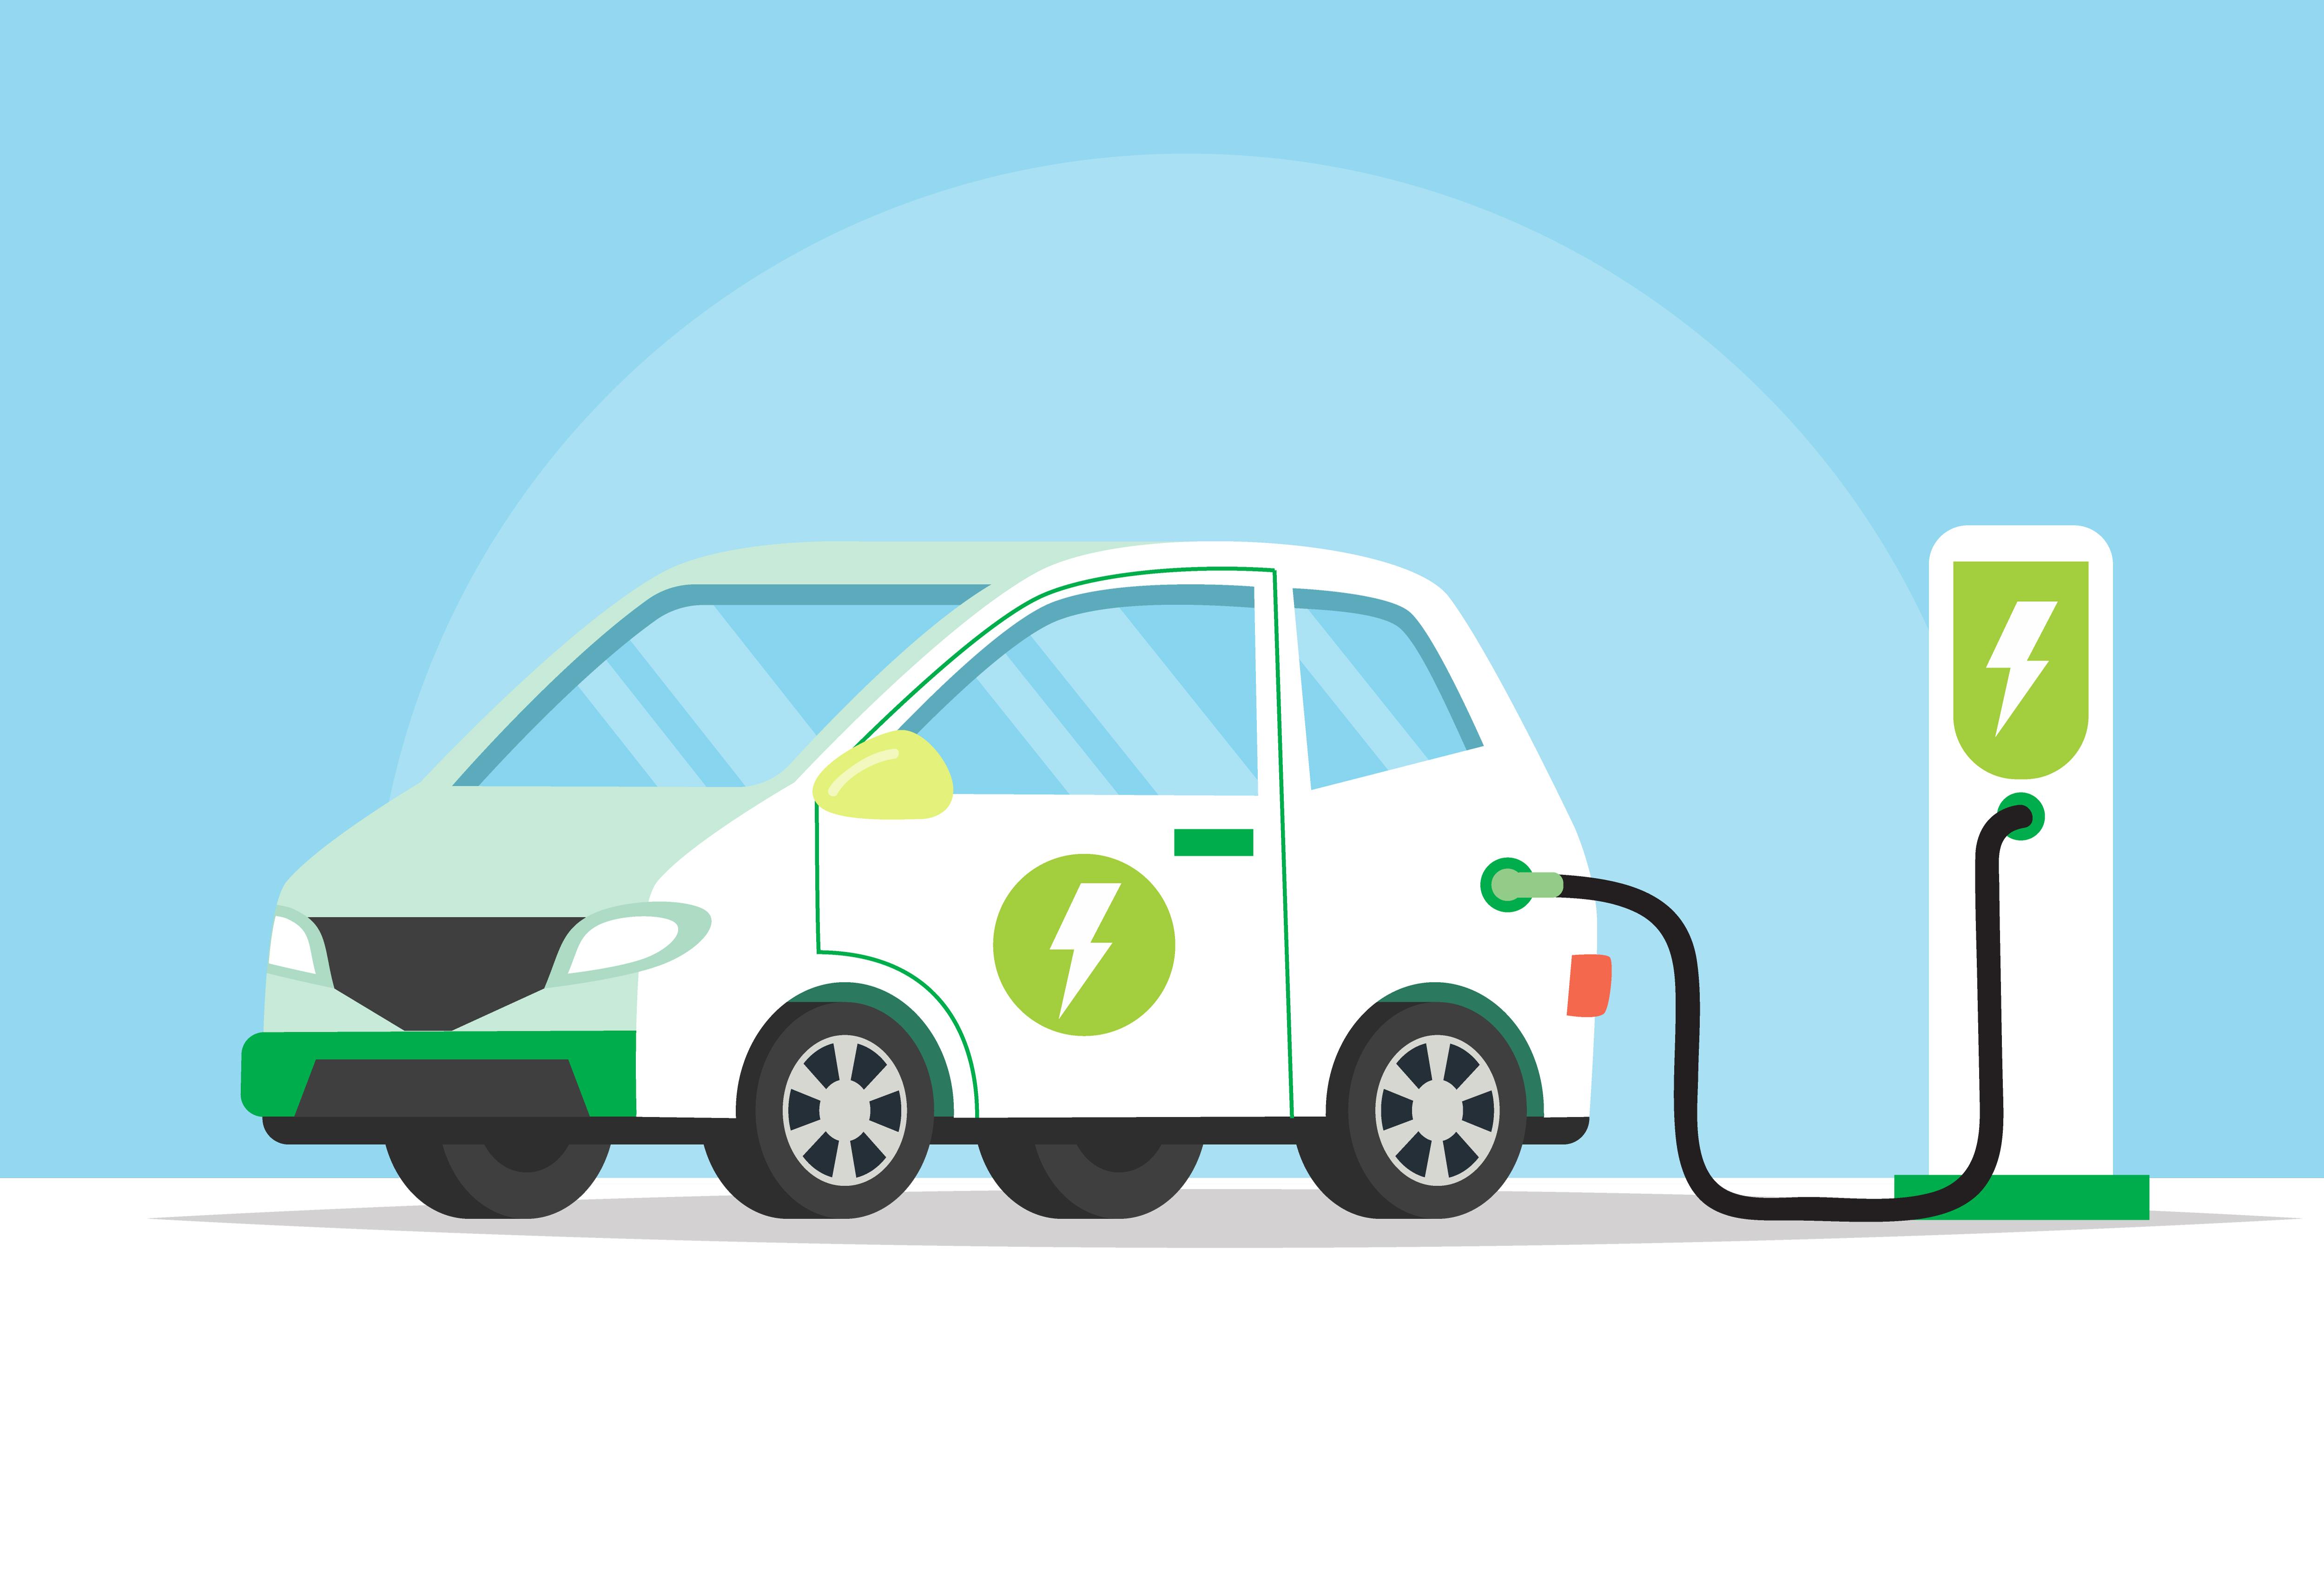 Новые знаки для газовых и электромобилей рисунок